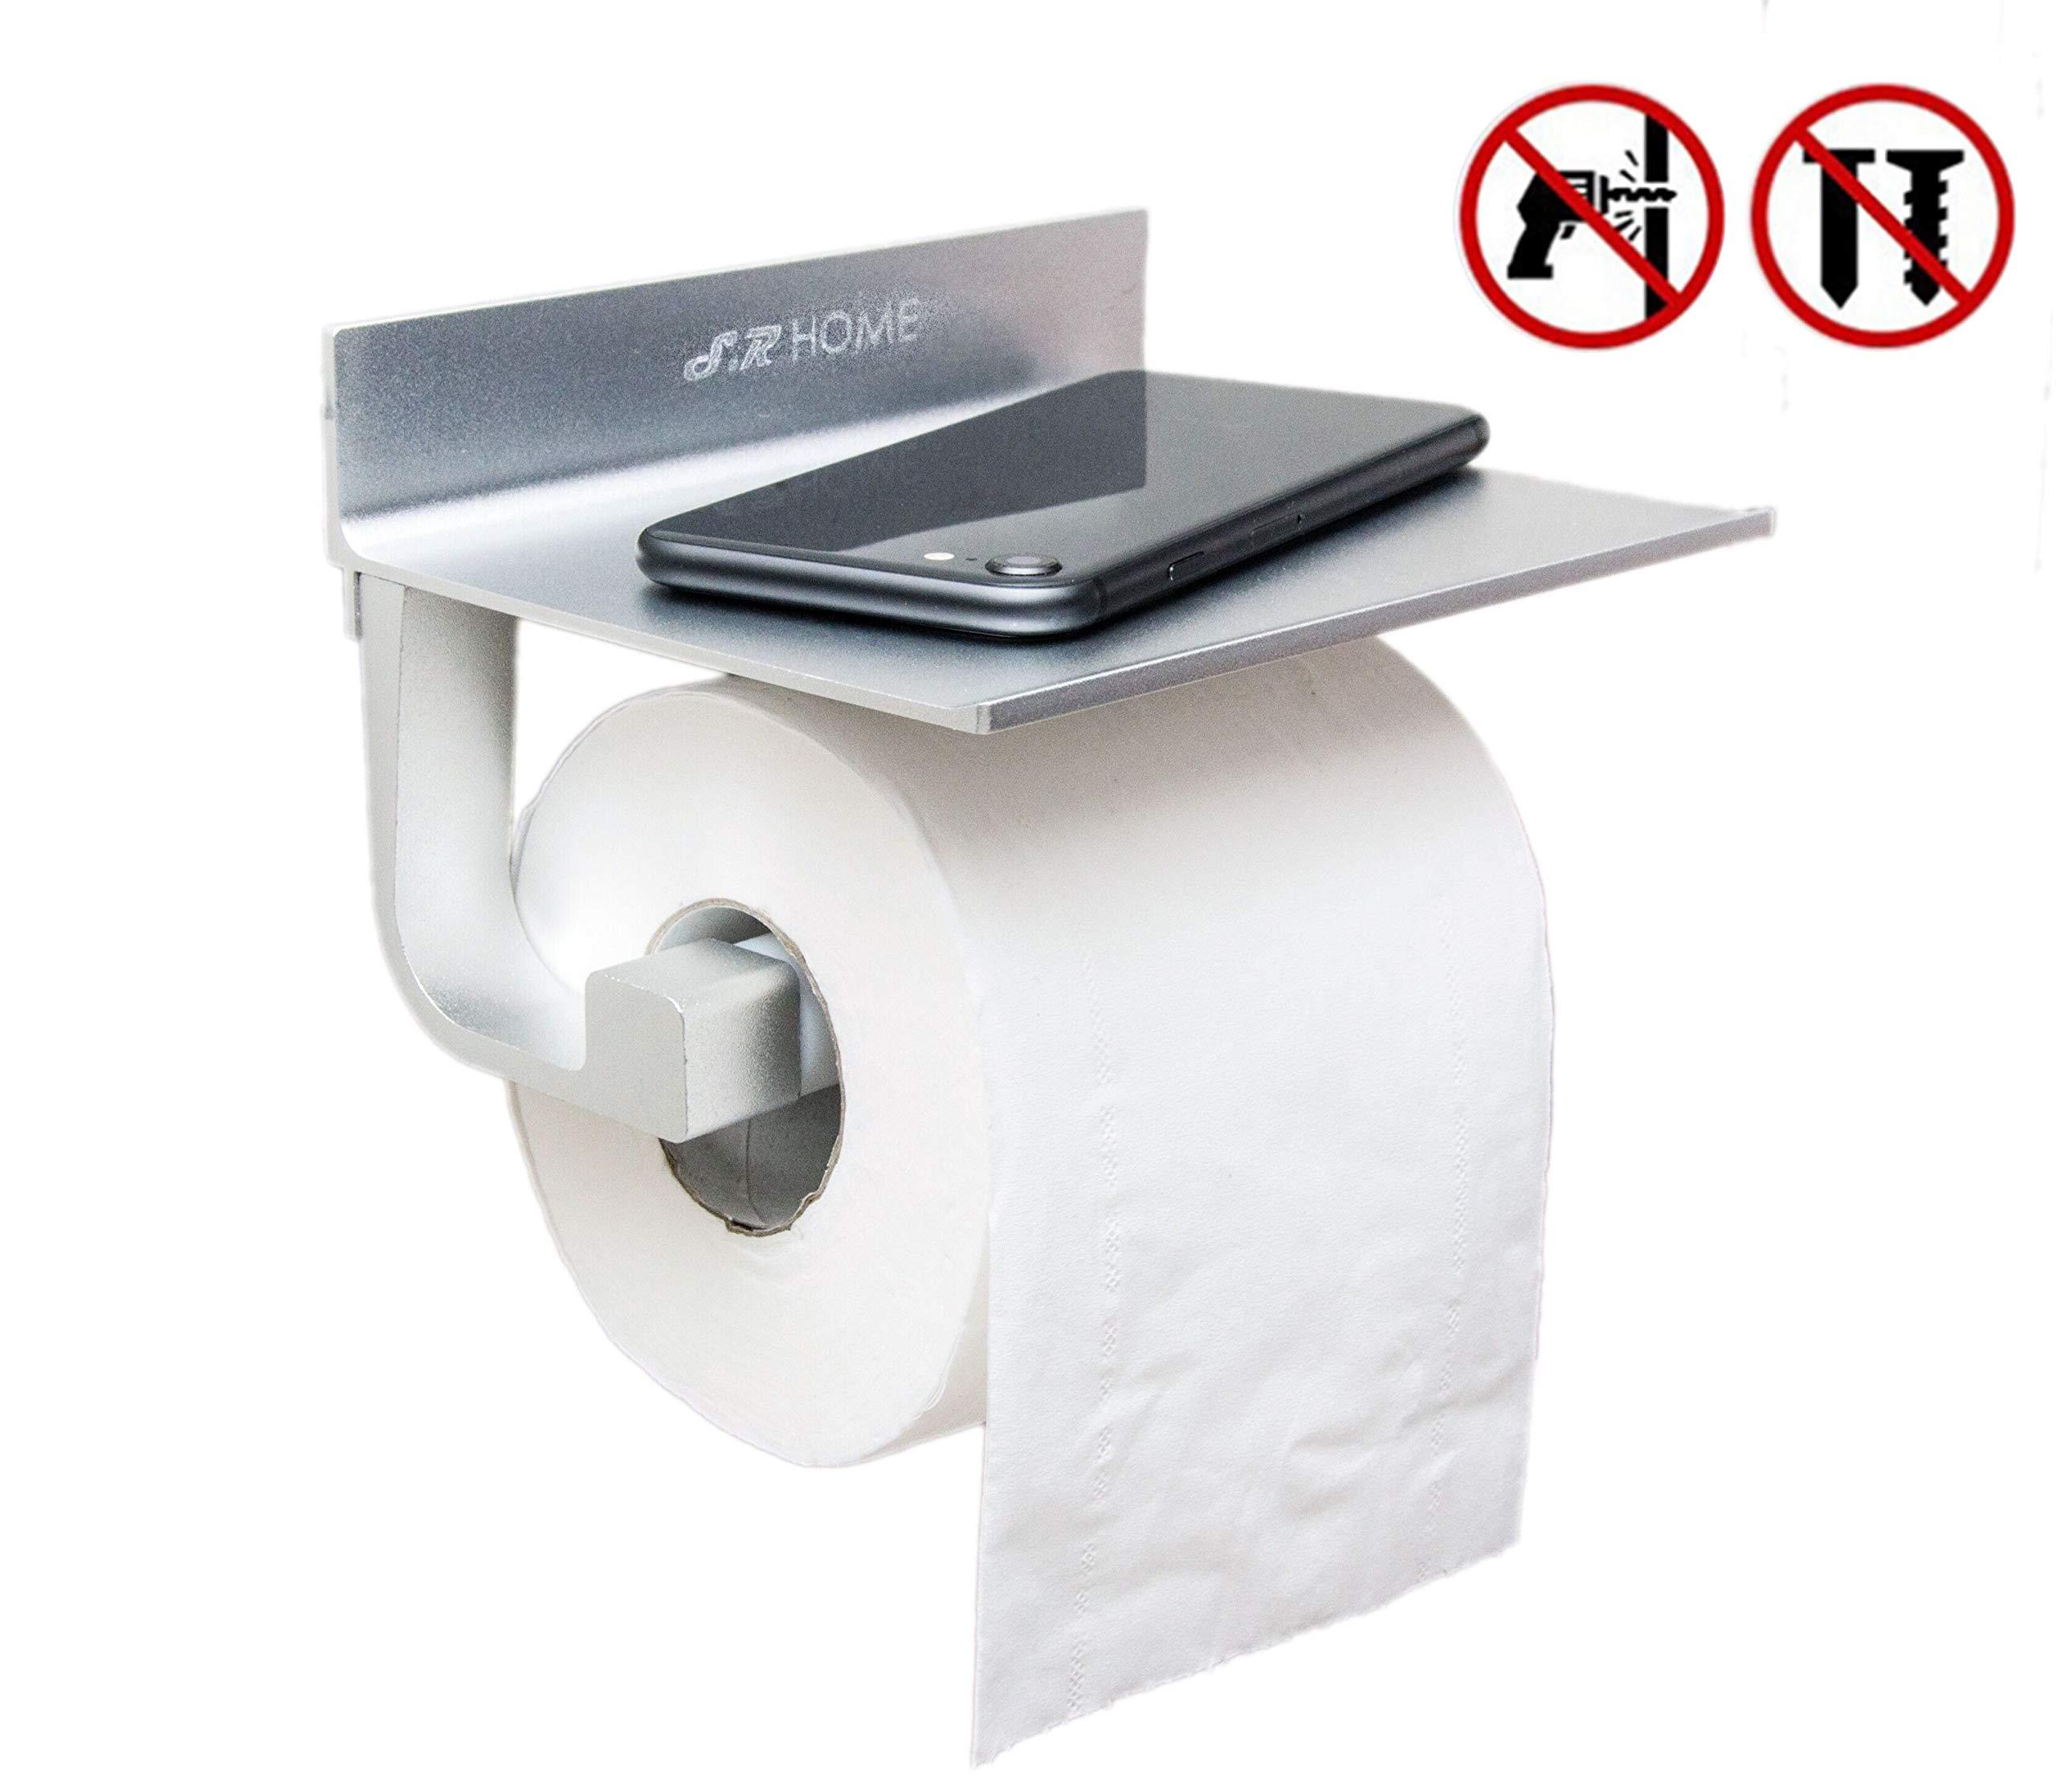 S.R HOME Portarrollos para papel higiénico Autoadhesivo sin taladrar, con Soporte, Espacio de Aluminio